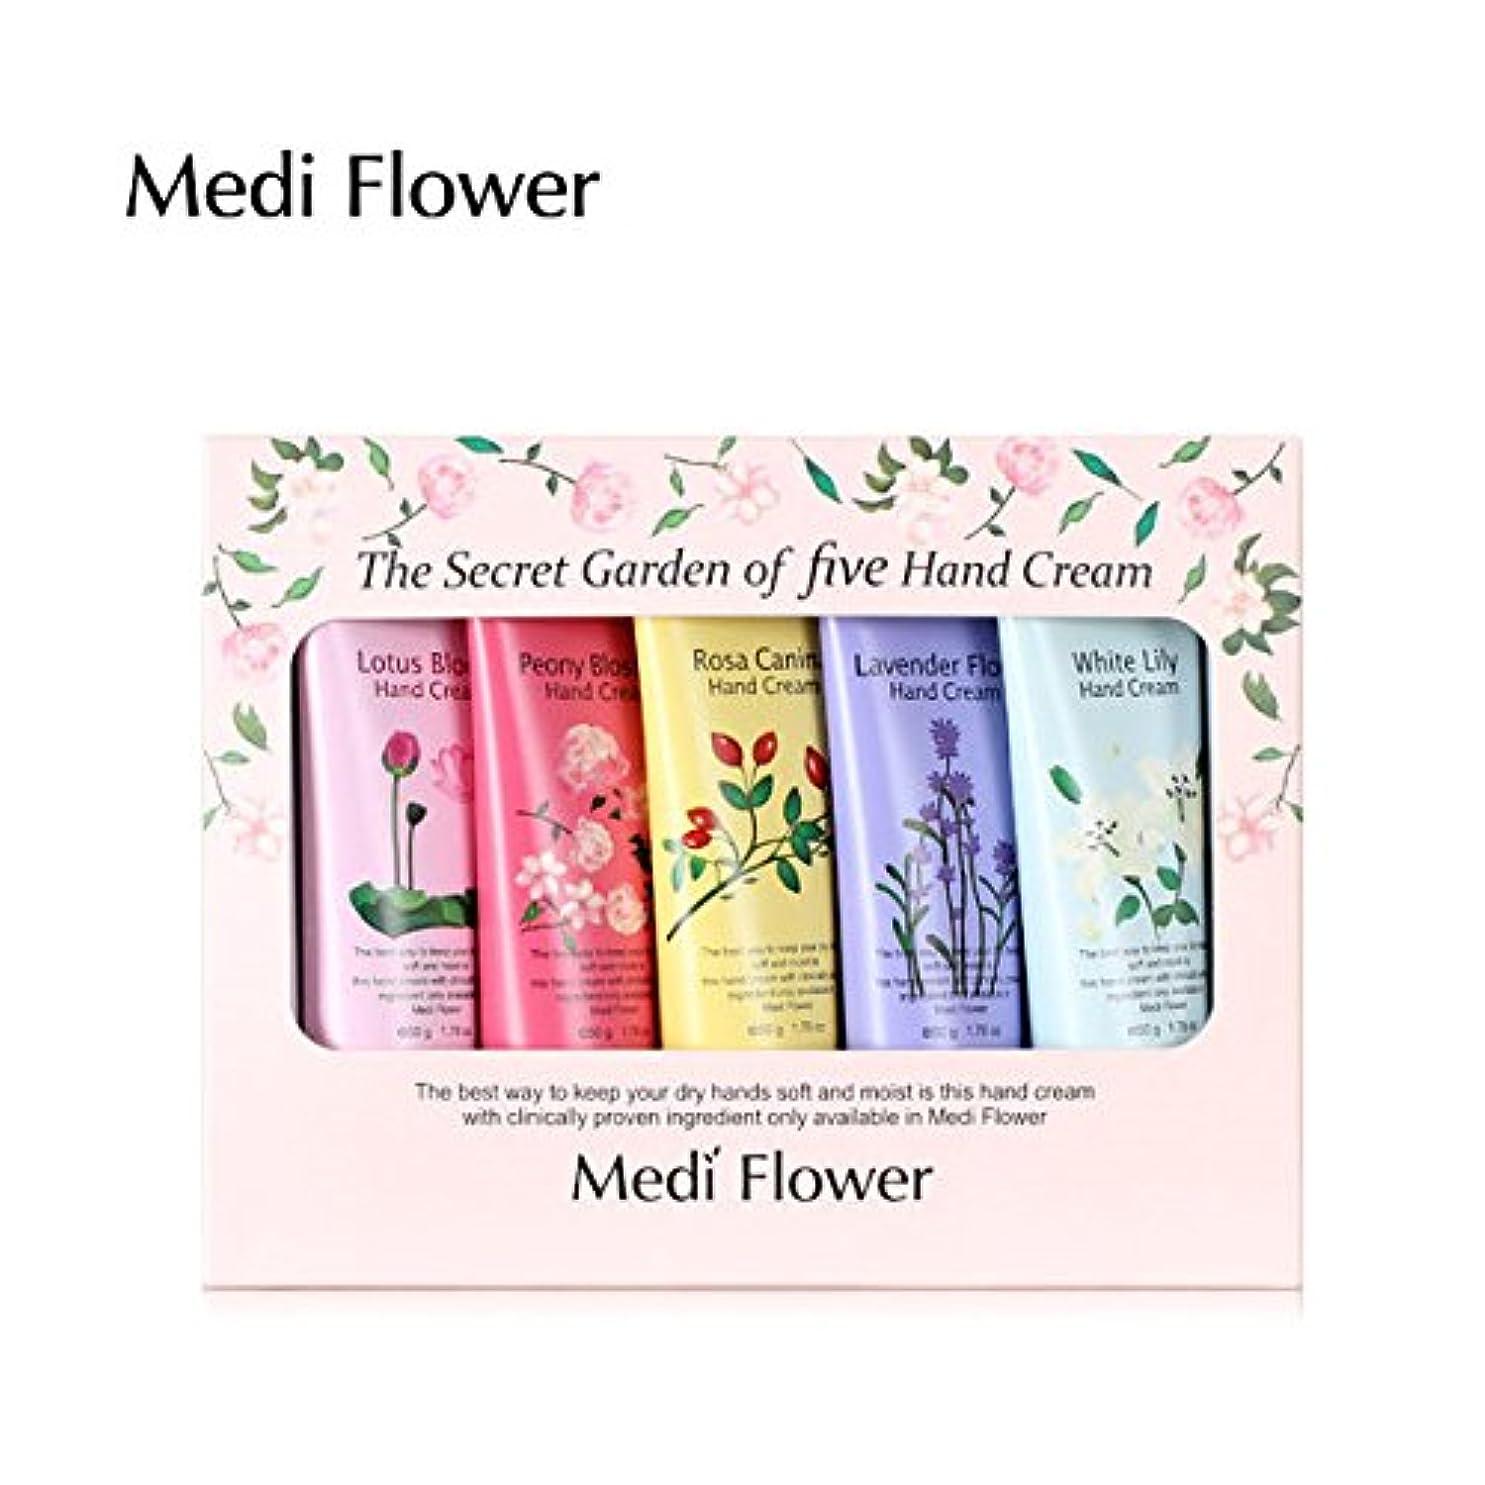 より泣き叫ぶテンポ[MediFlower] ザ?シークレットガーデン?ハンドクリームセット(50g x 5個) / The Secret Garden of Five Hand Cream Set